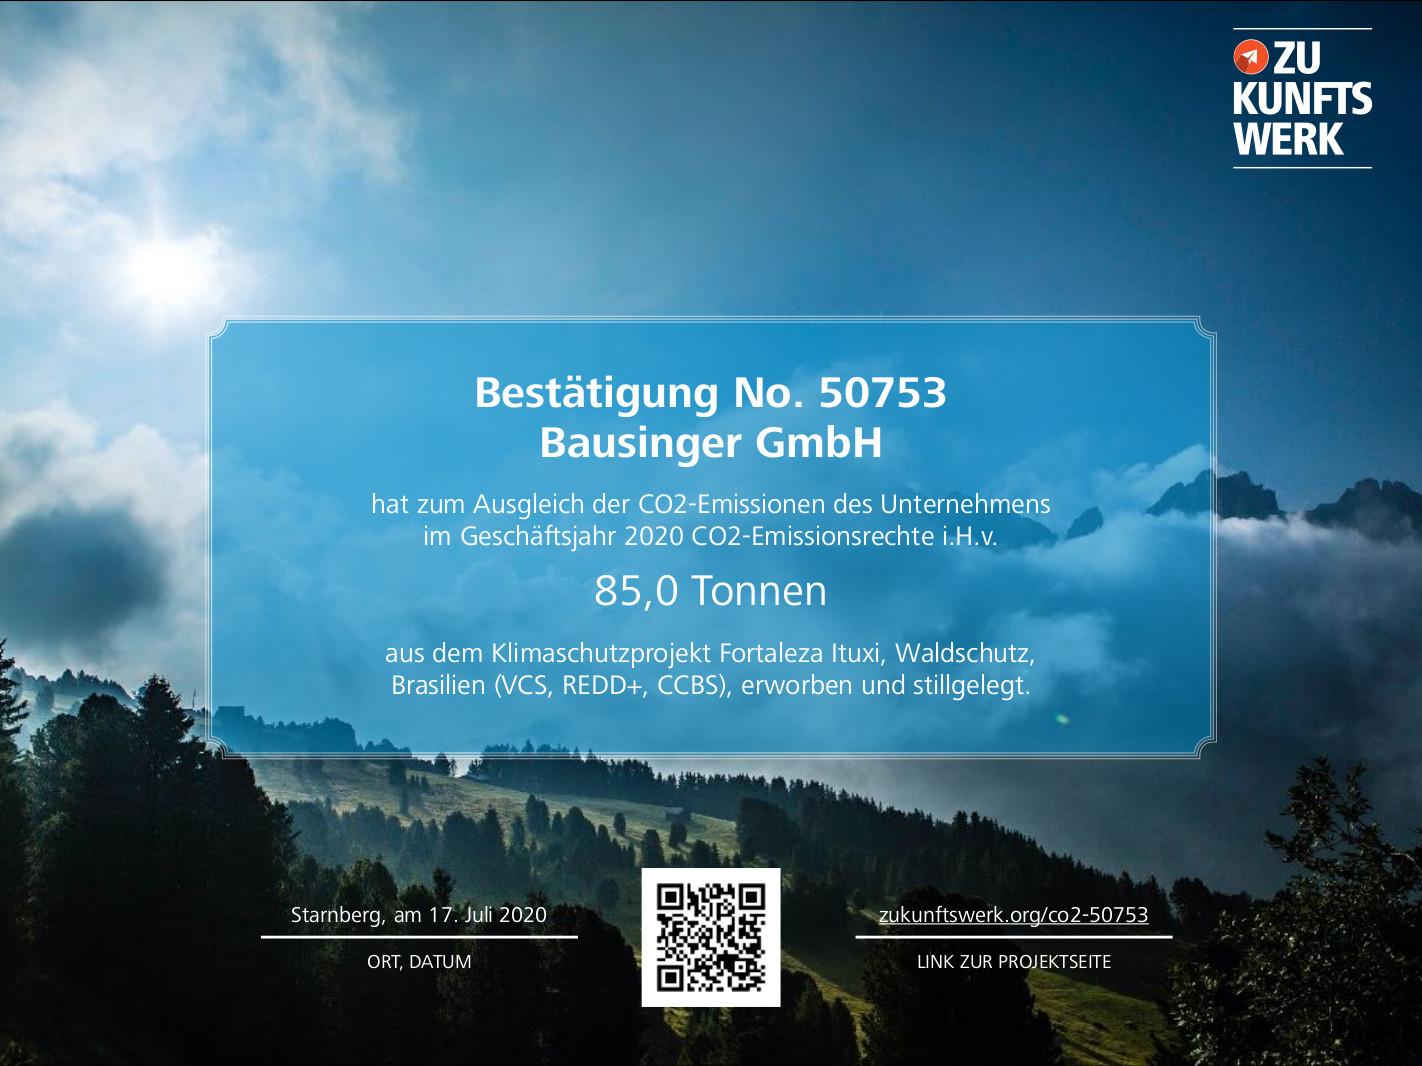 Urkunde_50753.jpg